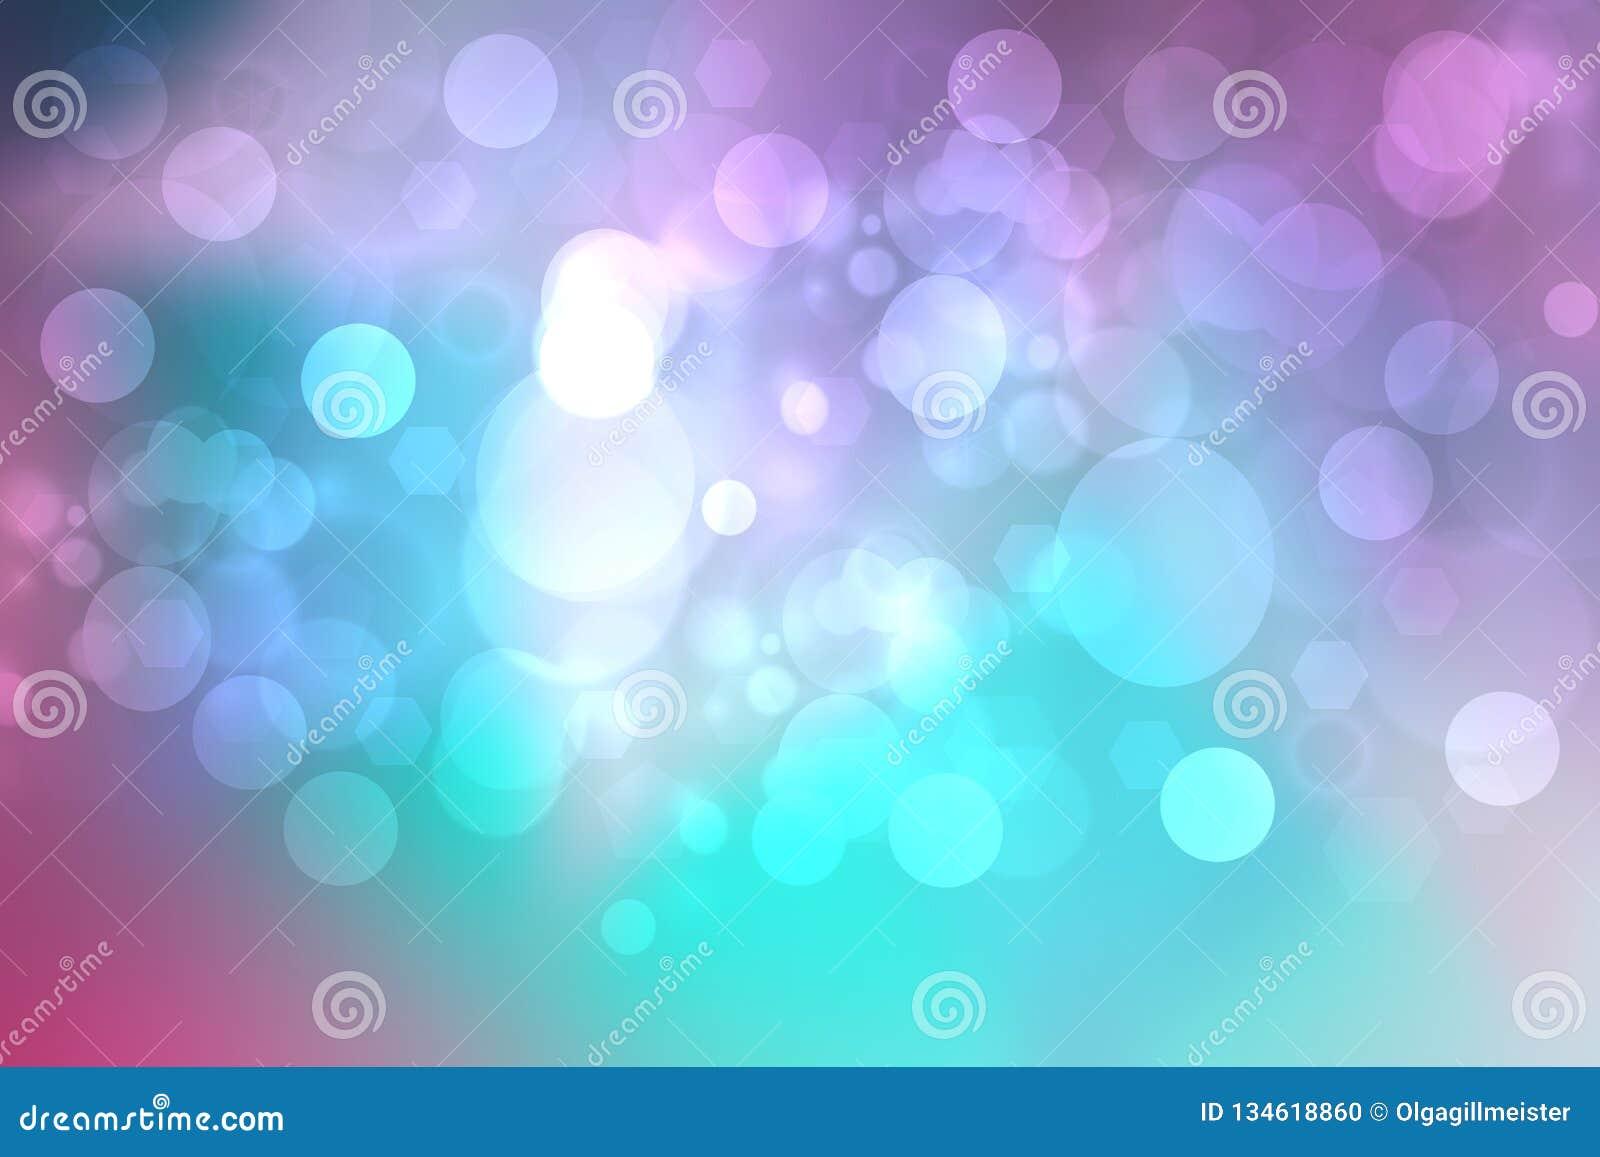 Astratto variopinto fondo molle colorato bello pastello Pendenza da porpora al blu Spazio per testo